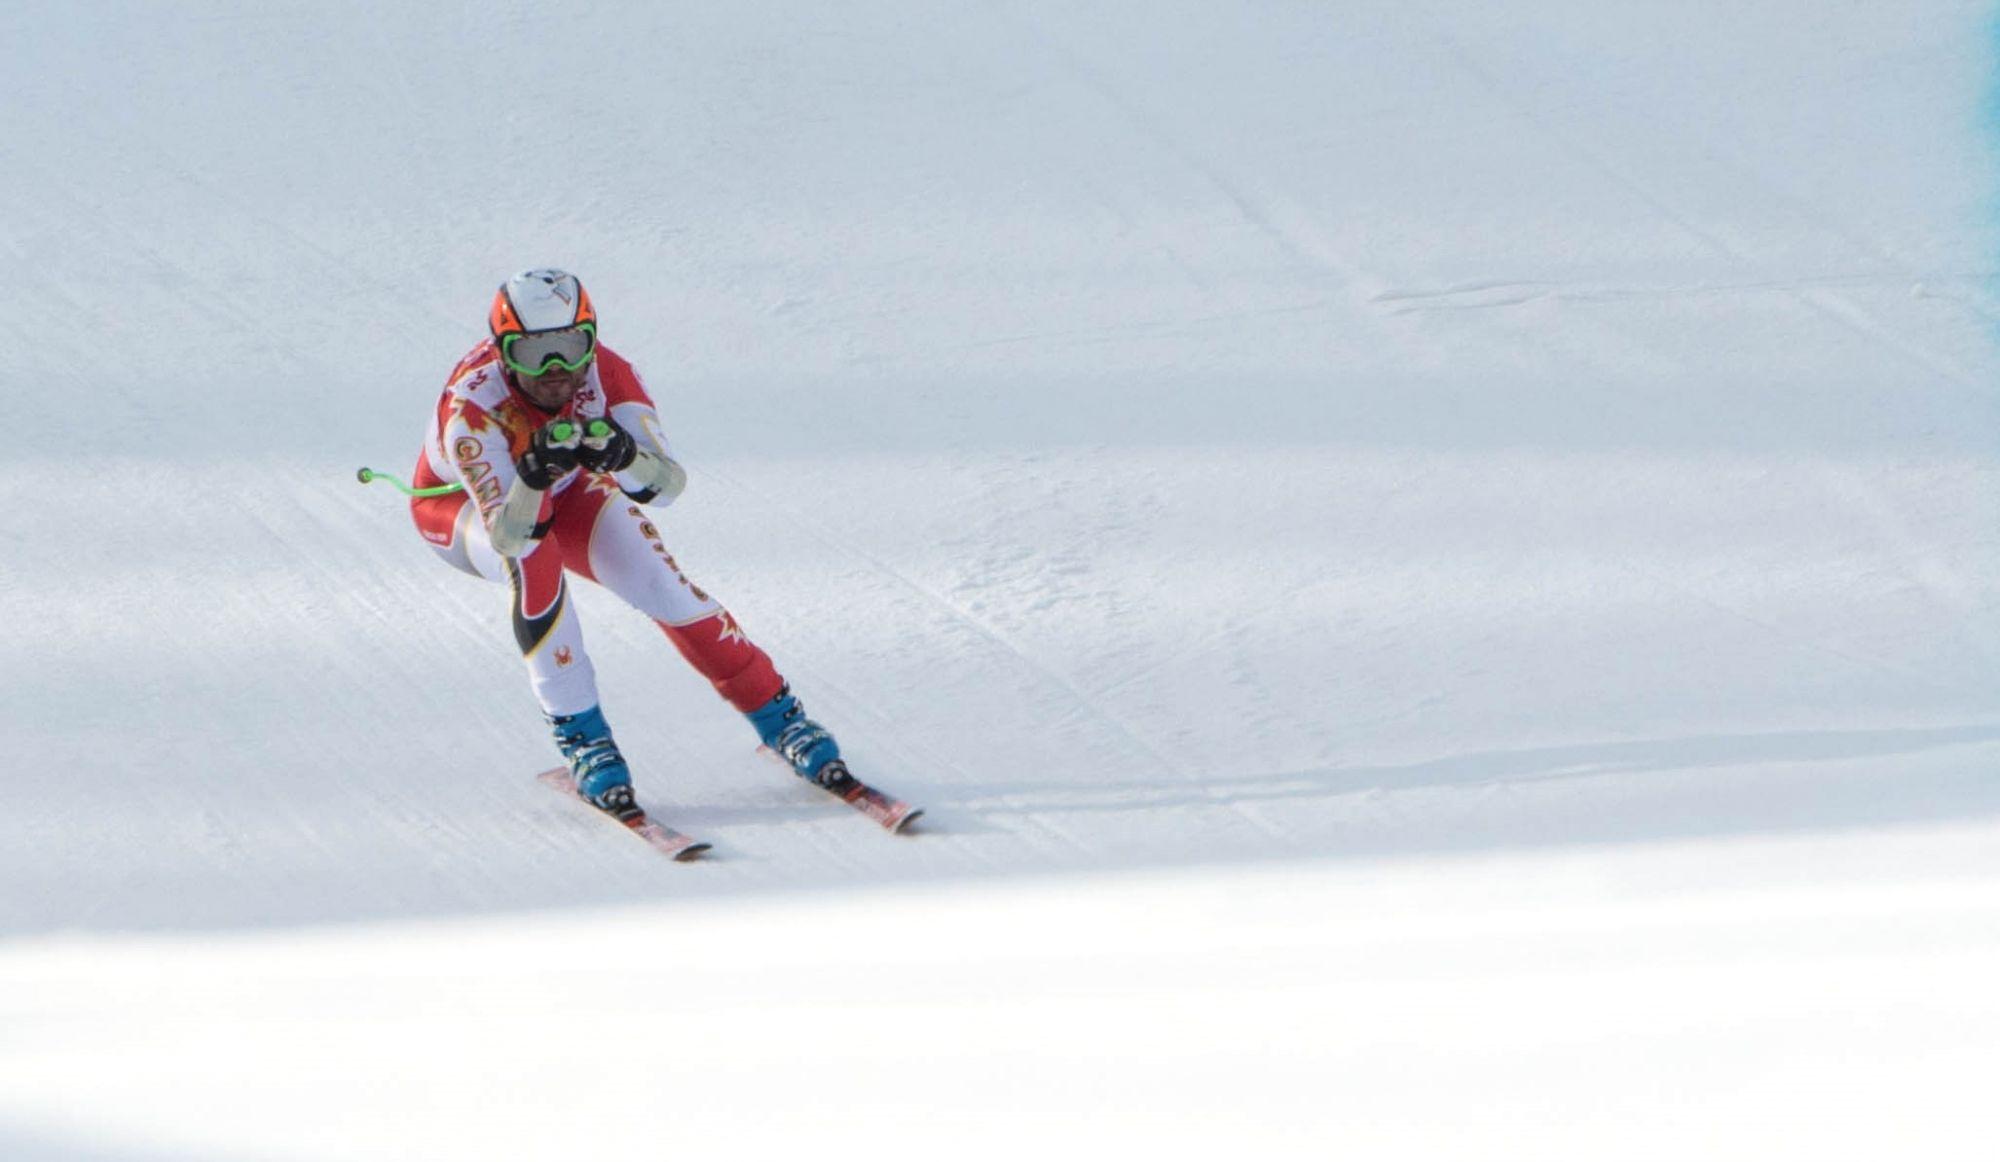 Pyeongchang la descente masculine de ski alpin est annulée